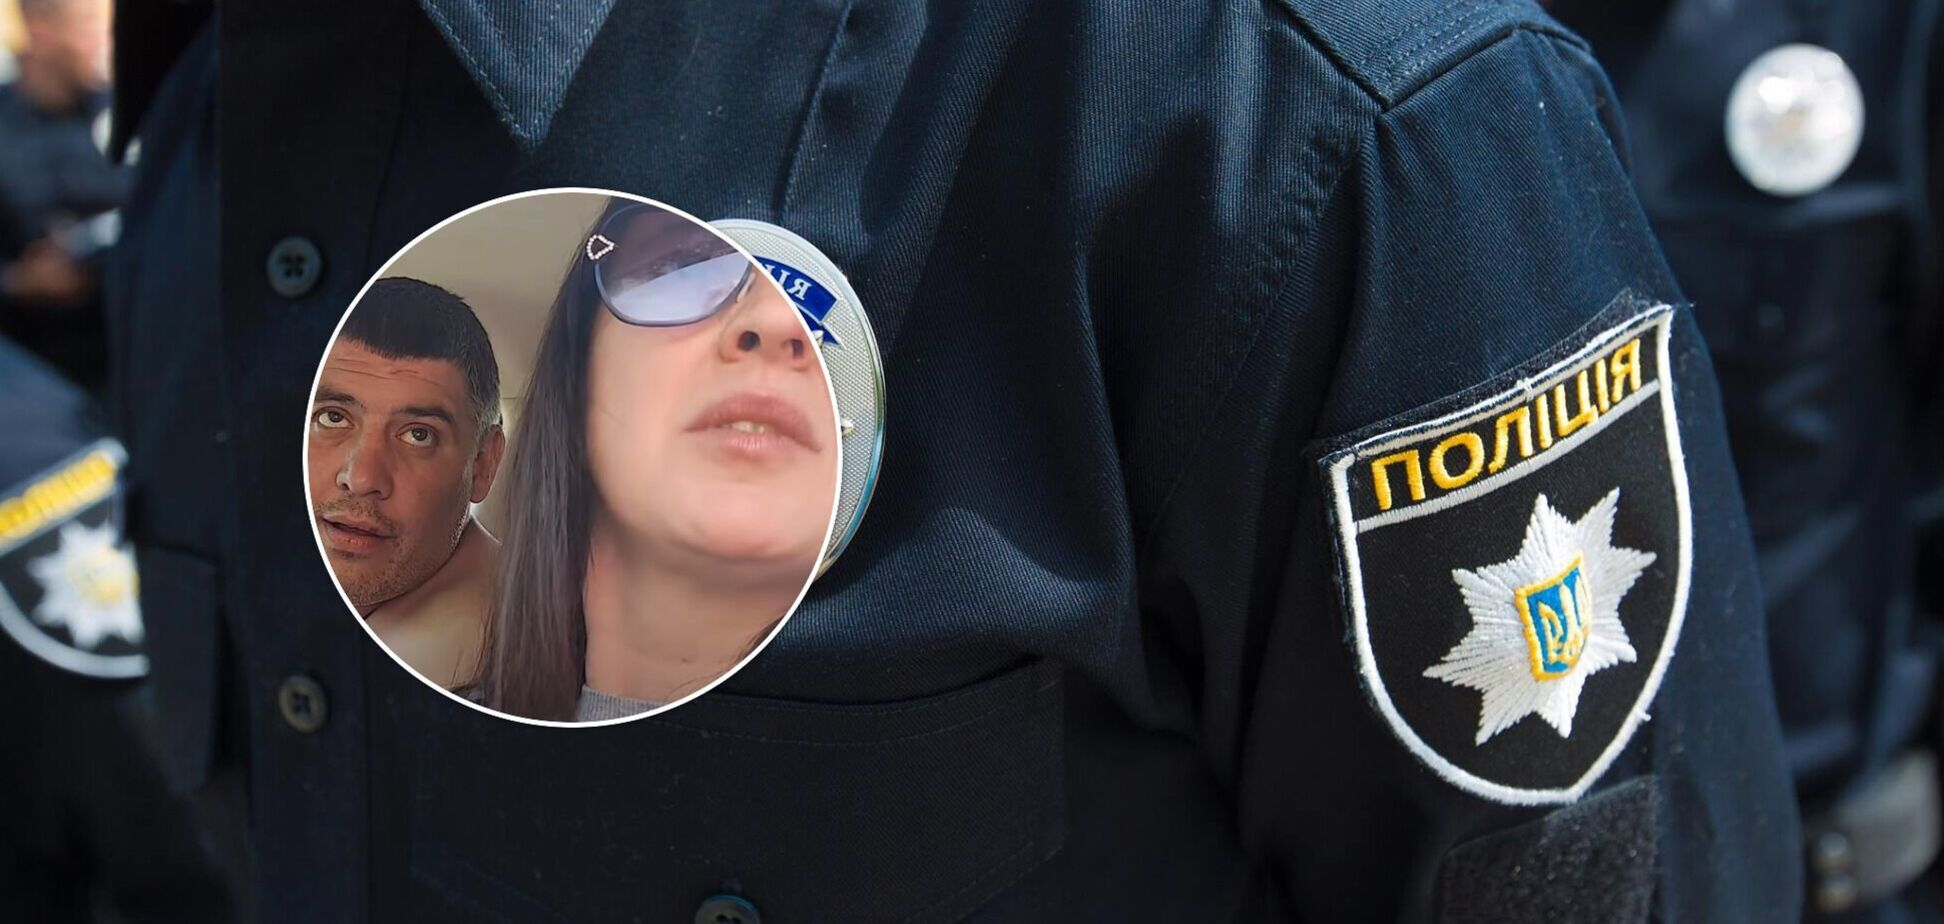 На Дніпропетровщині дружина поліцейського після скандалу поїхала п'яною на авто. Відео 18+